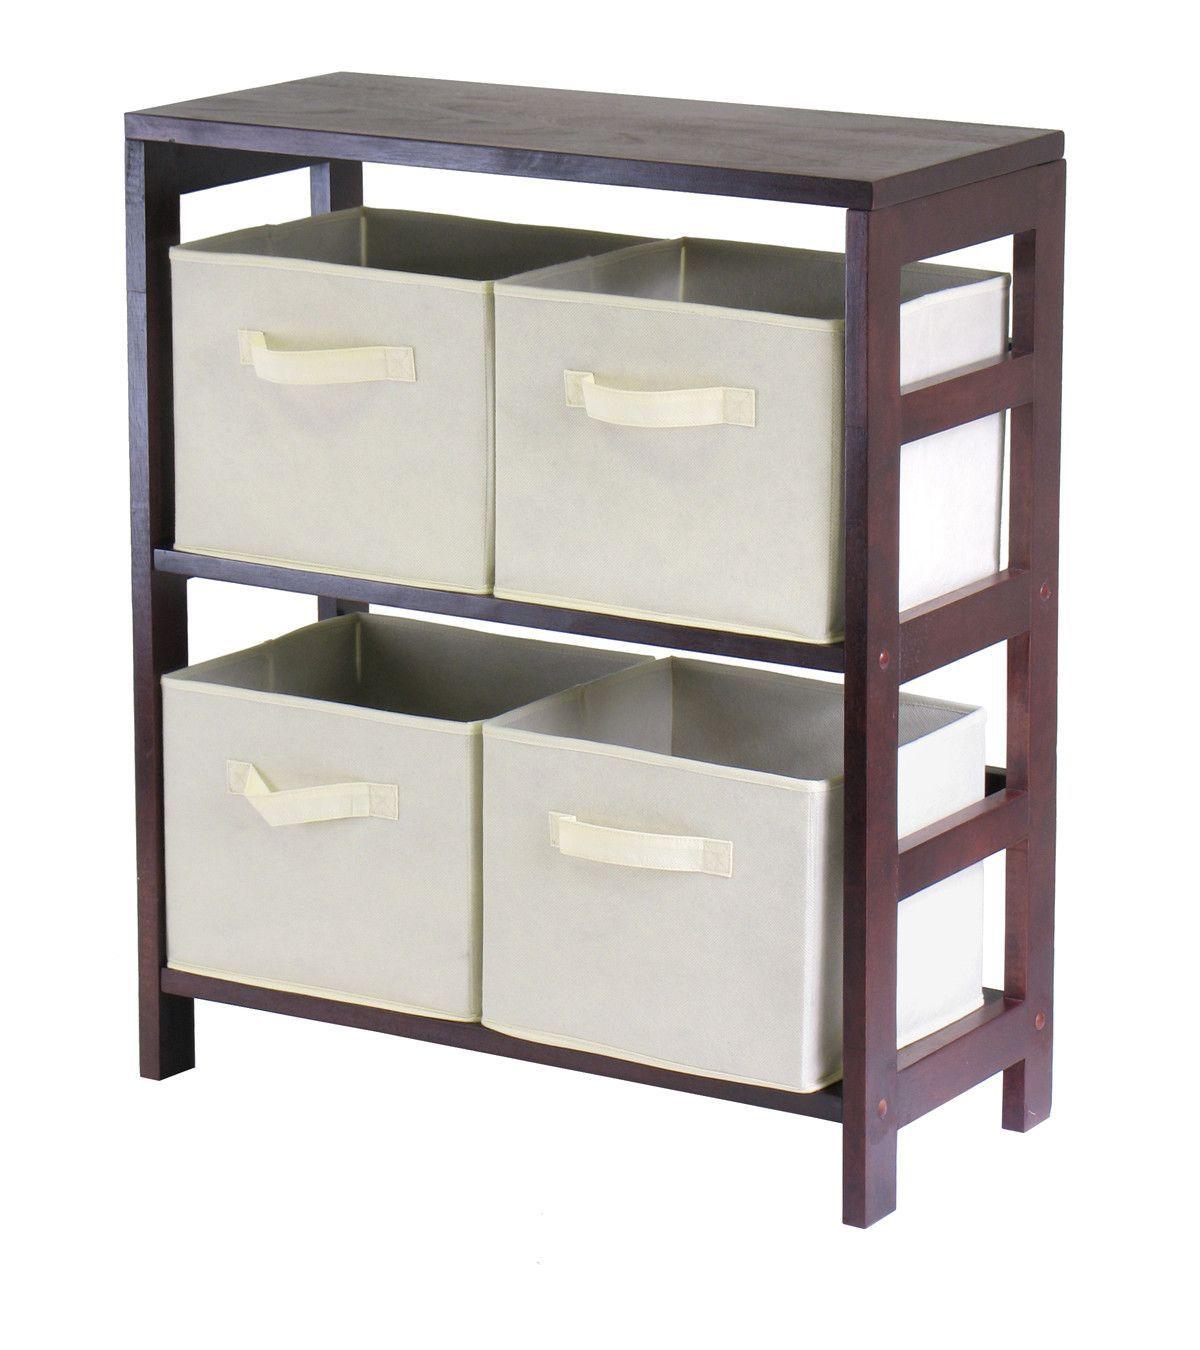 Decker 4 Drawers Low Storage Shelf